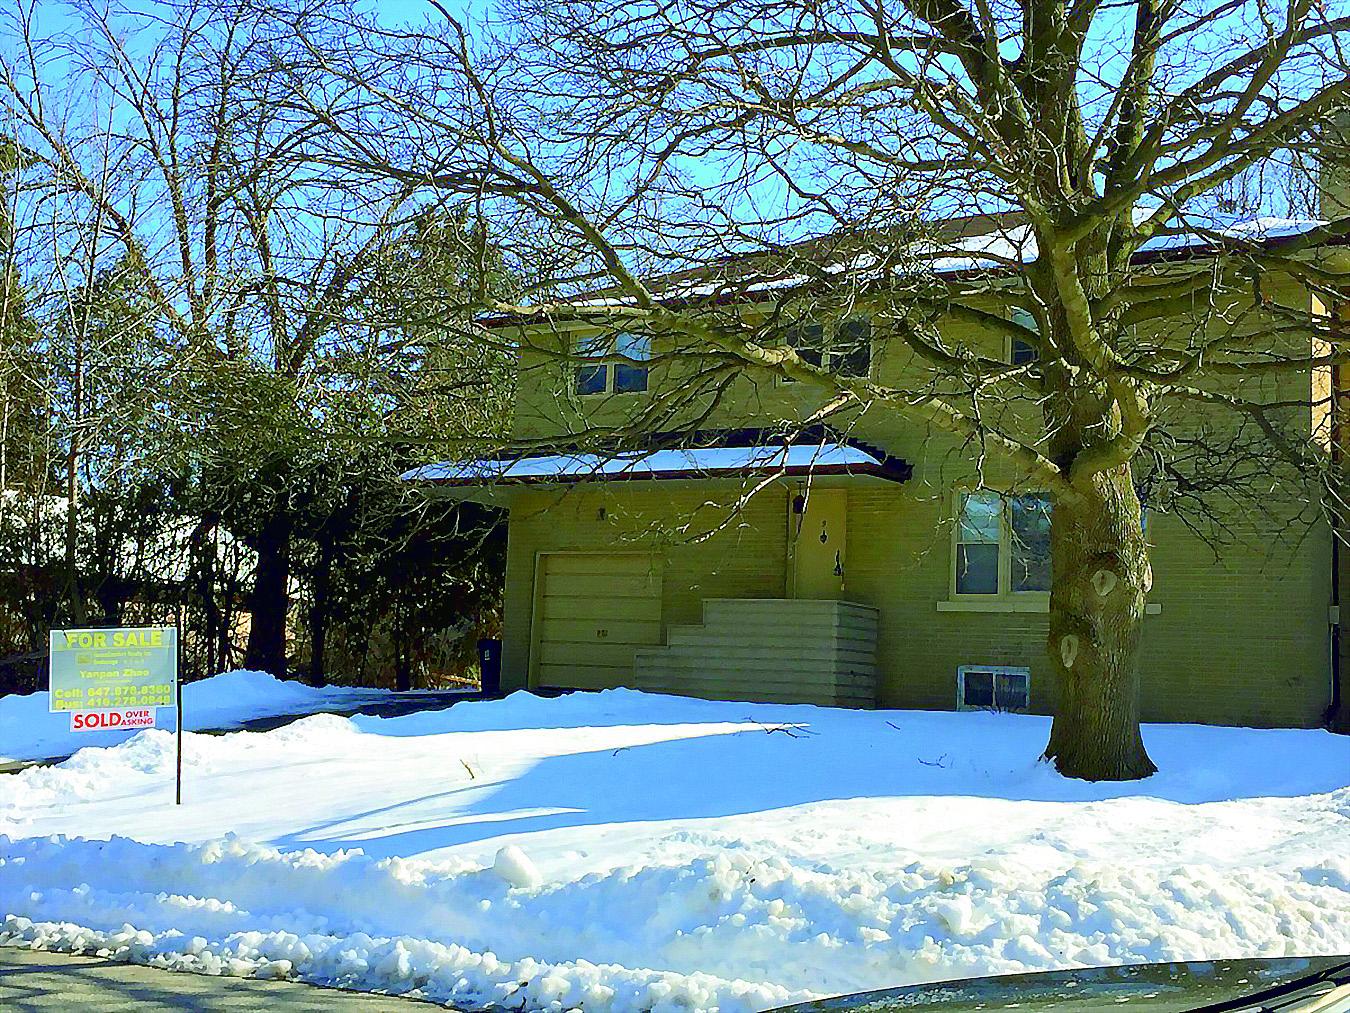 引起邻居抱怨的多伦多5 Glenelia Ave的这幢独立房已以203.8万加元售出,高出叫售23万加元。(大纪元资料图片)